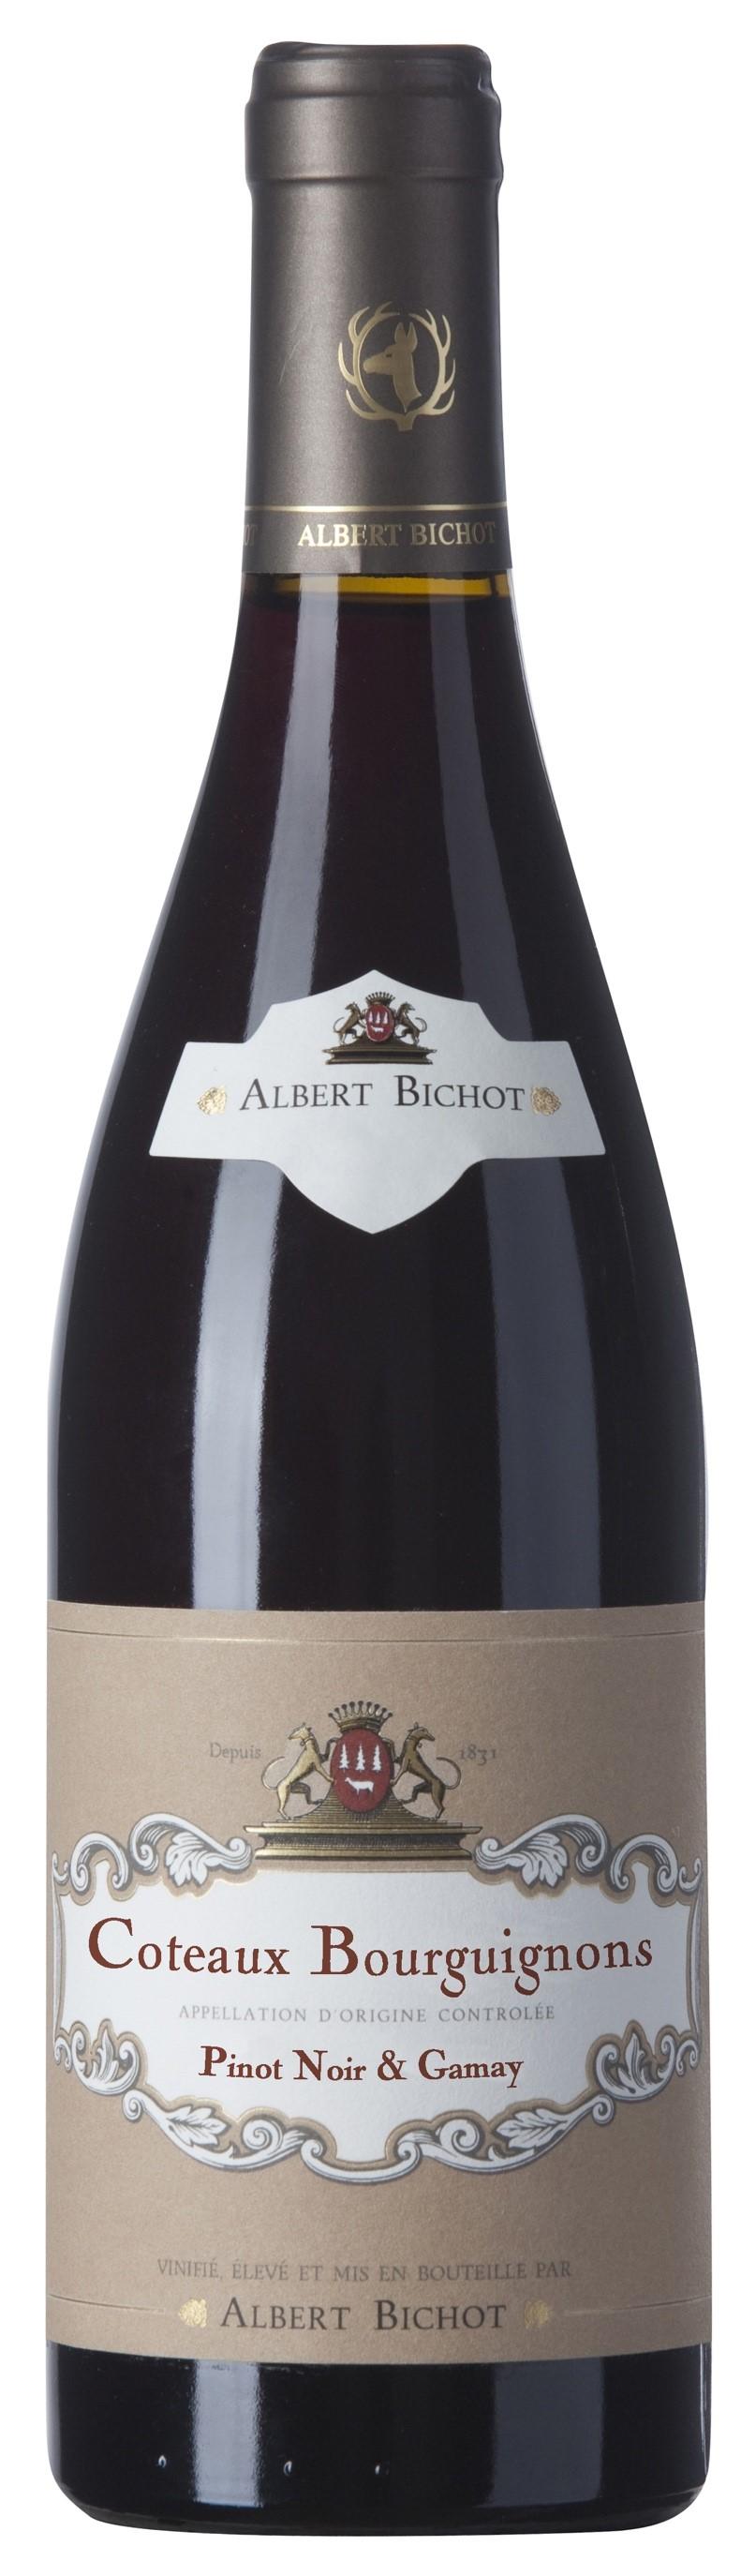 Albert Bichot Coteaux Bourguignons Rouge 2015